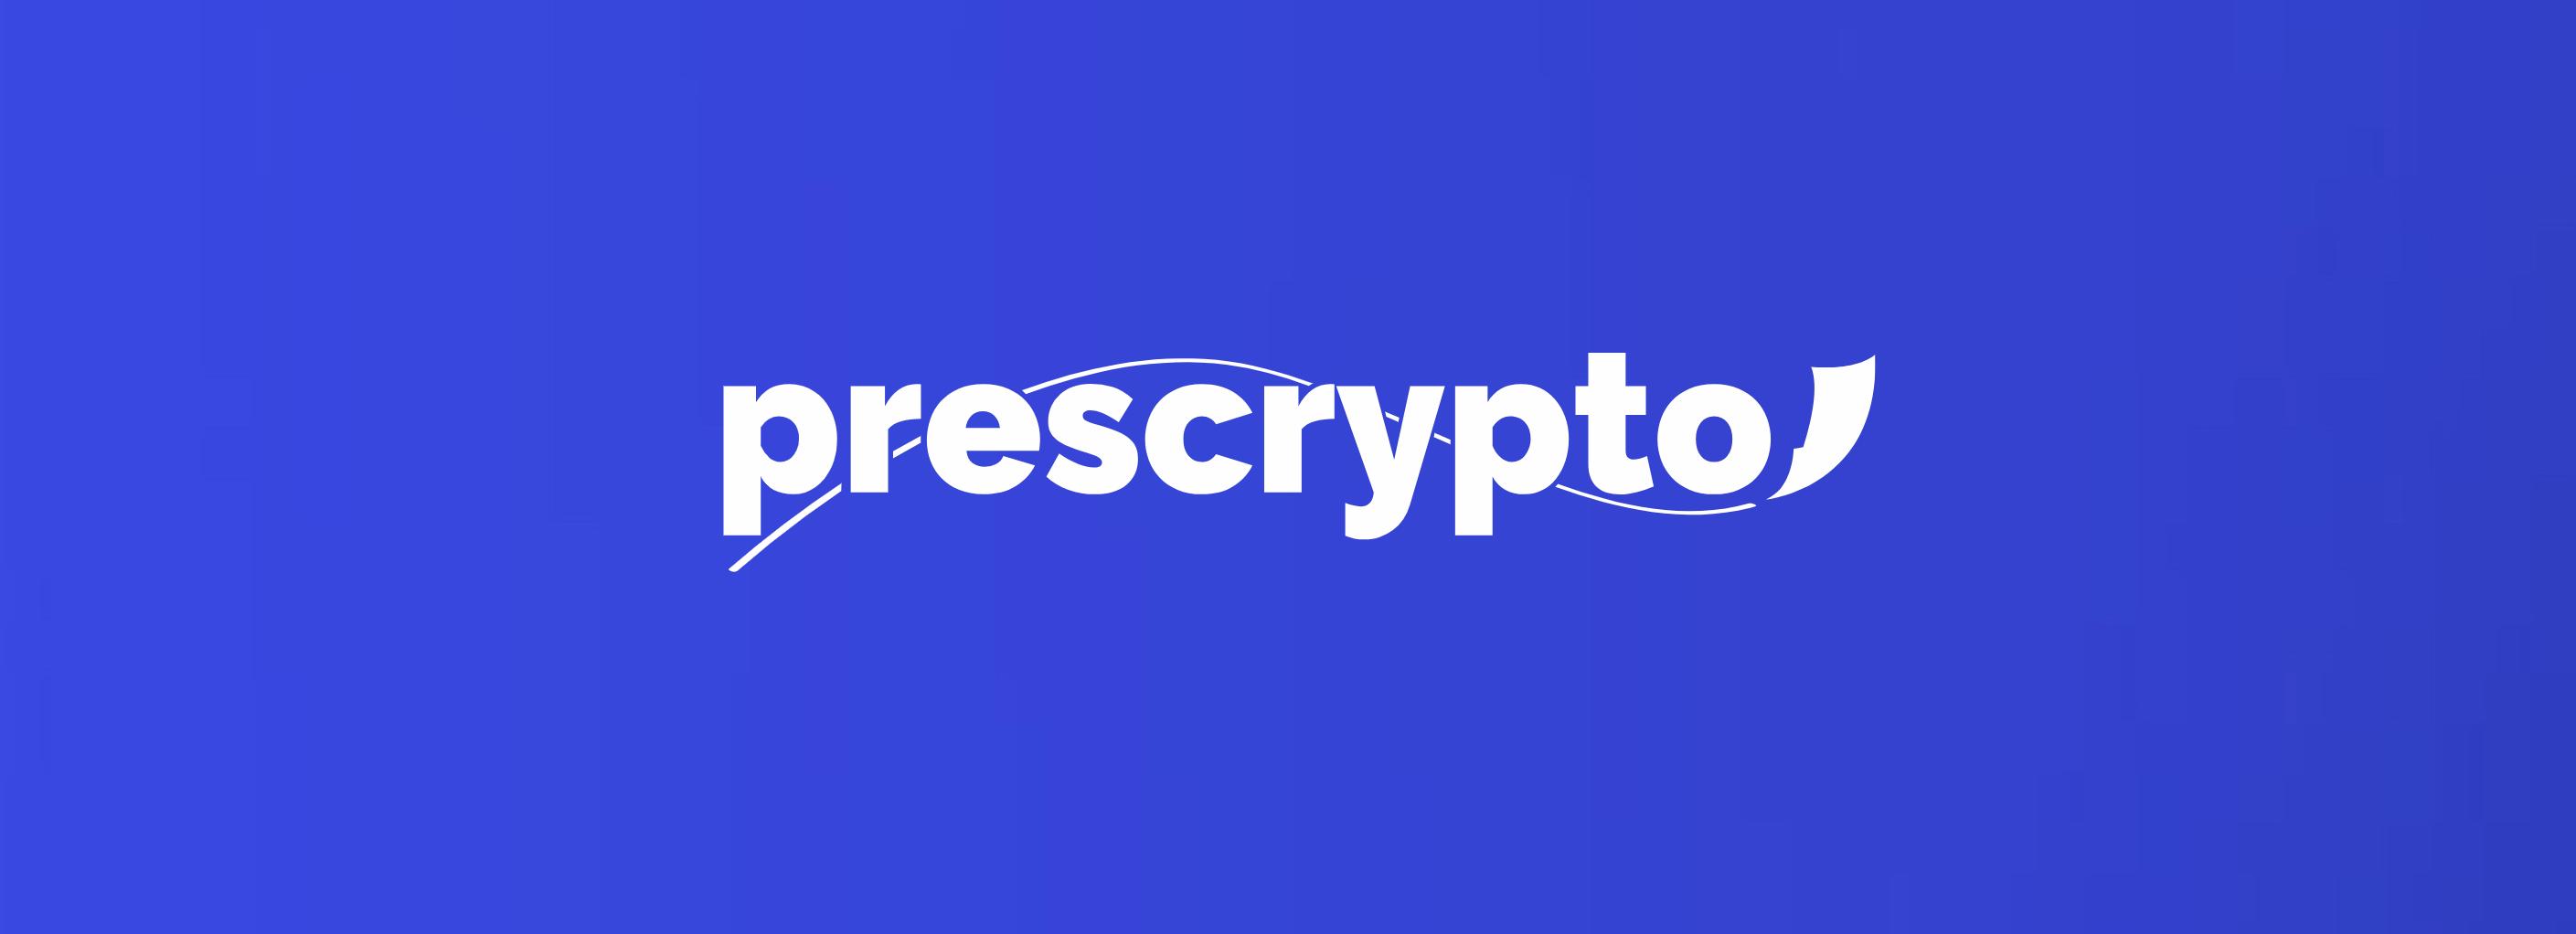 Introduciendo una nueva versión de Prescrypto